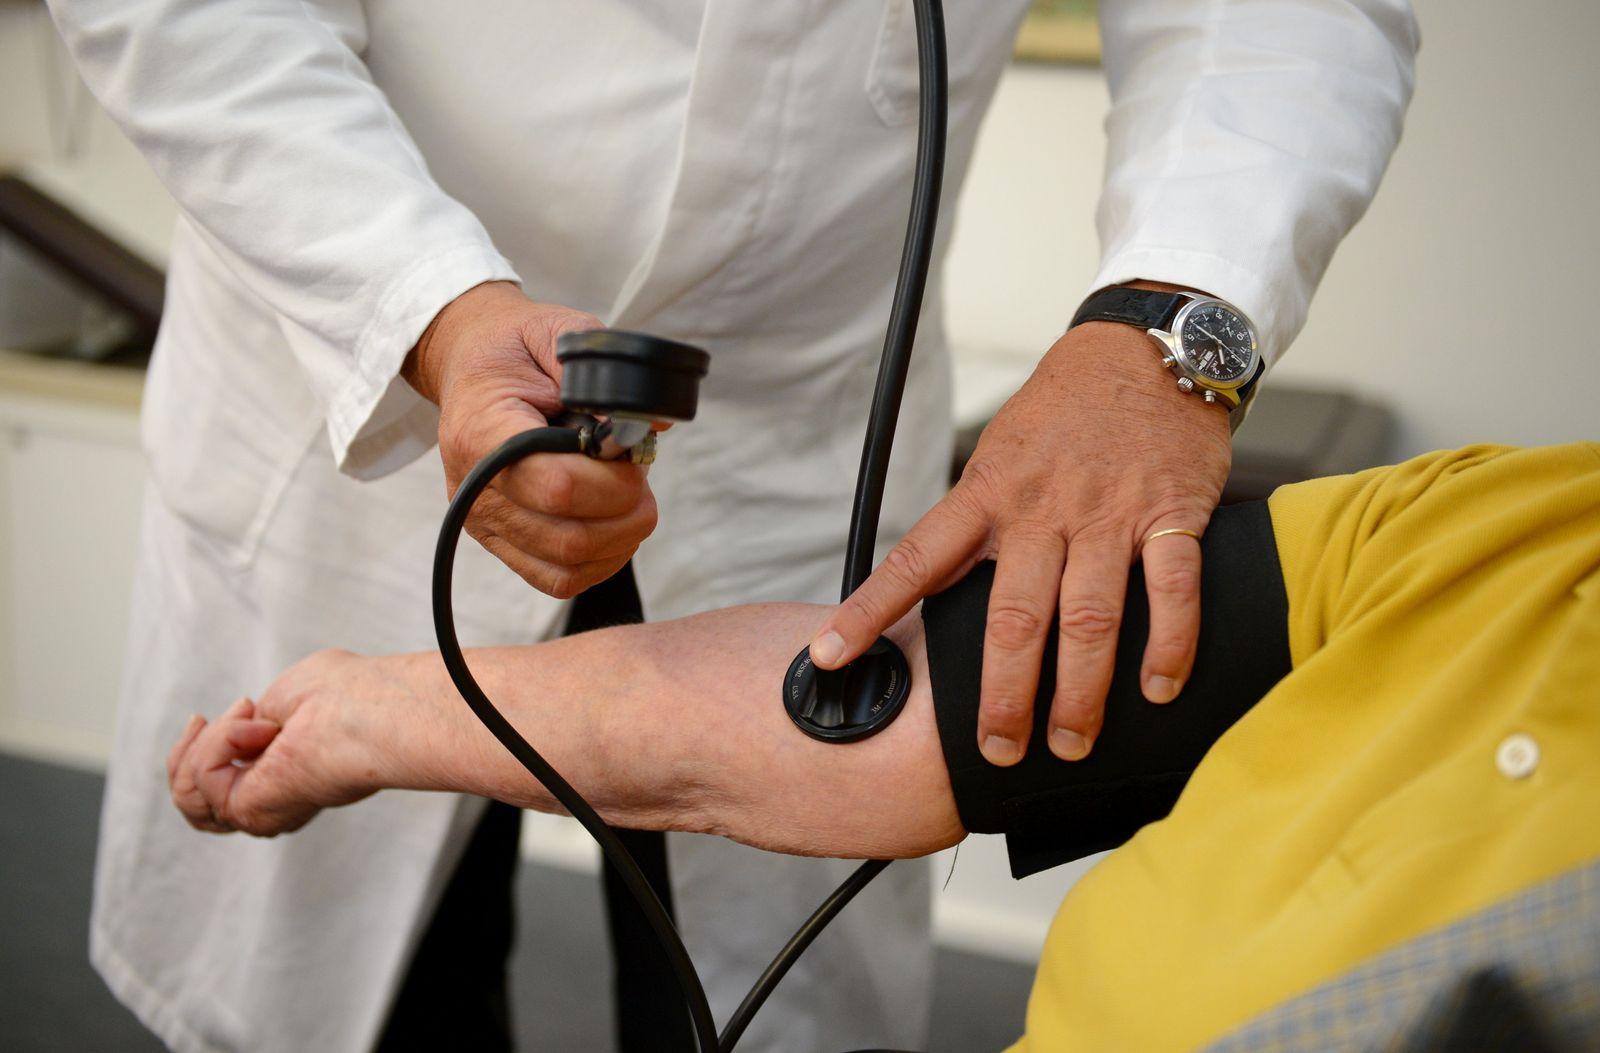 Hausarztpraxis Hausarzt Arzt Blutdruck messen